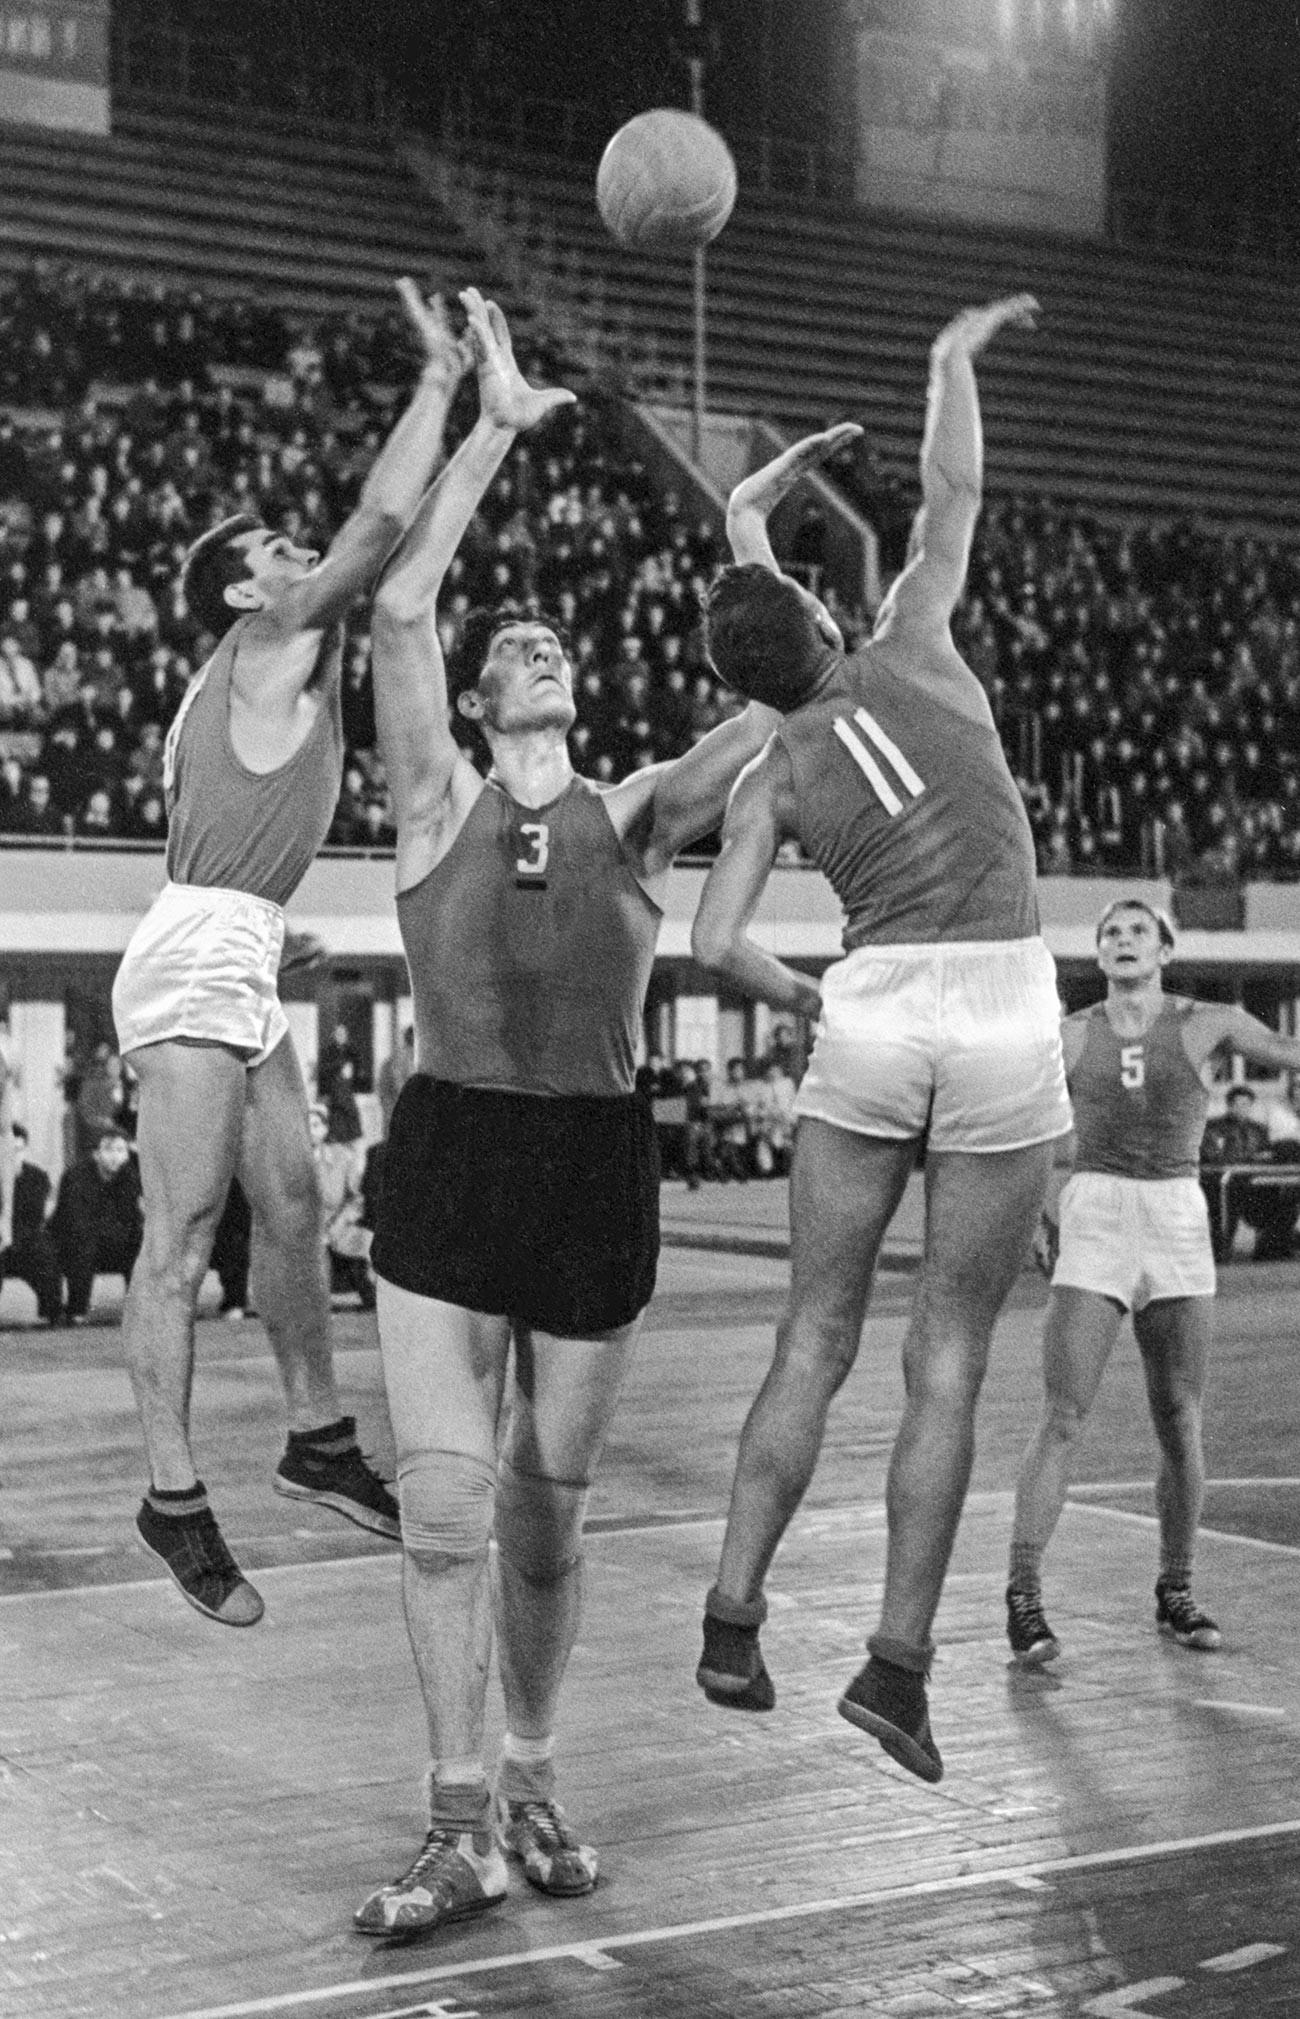 Шампионат на СССР по  баскетбол ЦСК МО (Москва) -